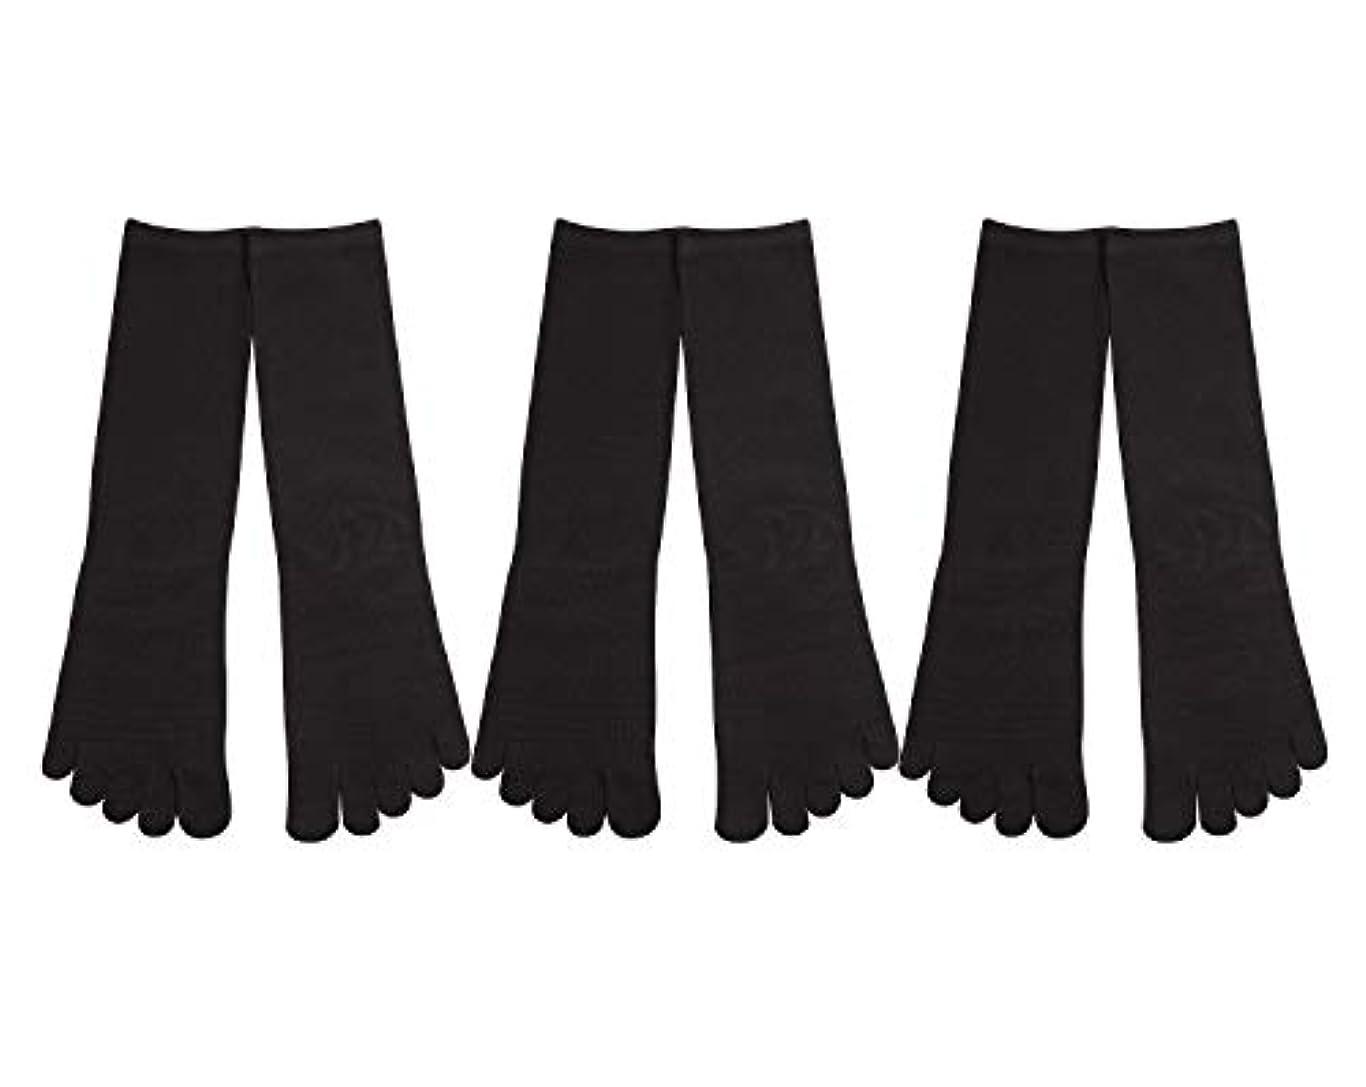 驚くべきタイト画像Deol(デオル) 5本指 靴下 男性用 黒 3足セット 25cm-27cm メンズ [足のニオイ対策] 長時間消臭 日本製 靴下